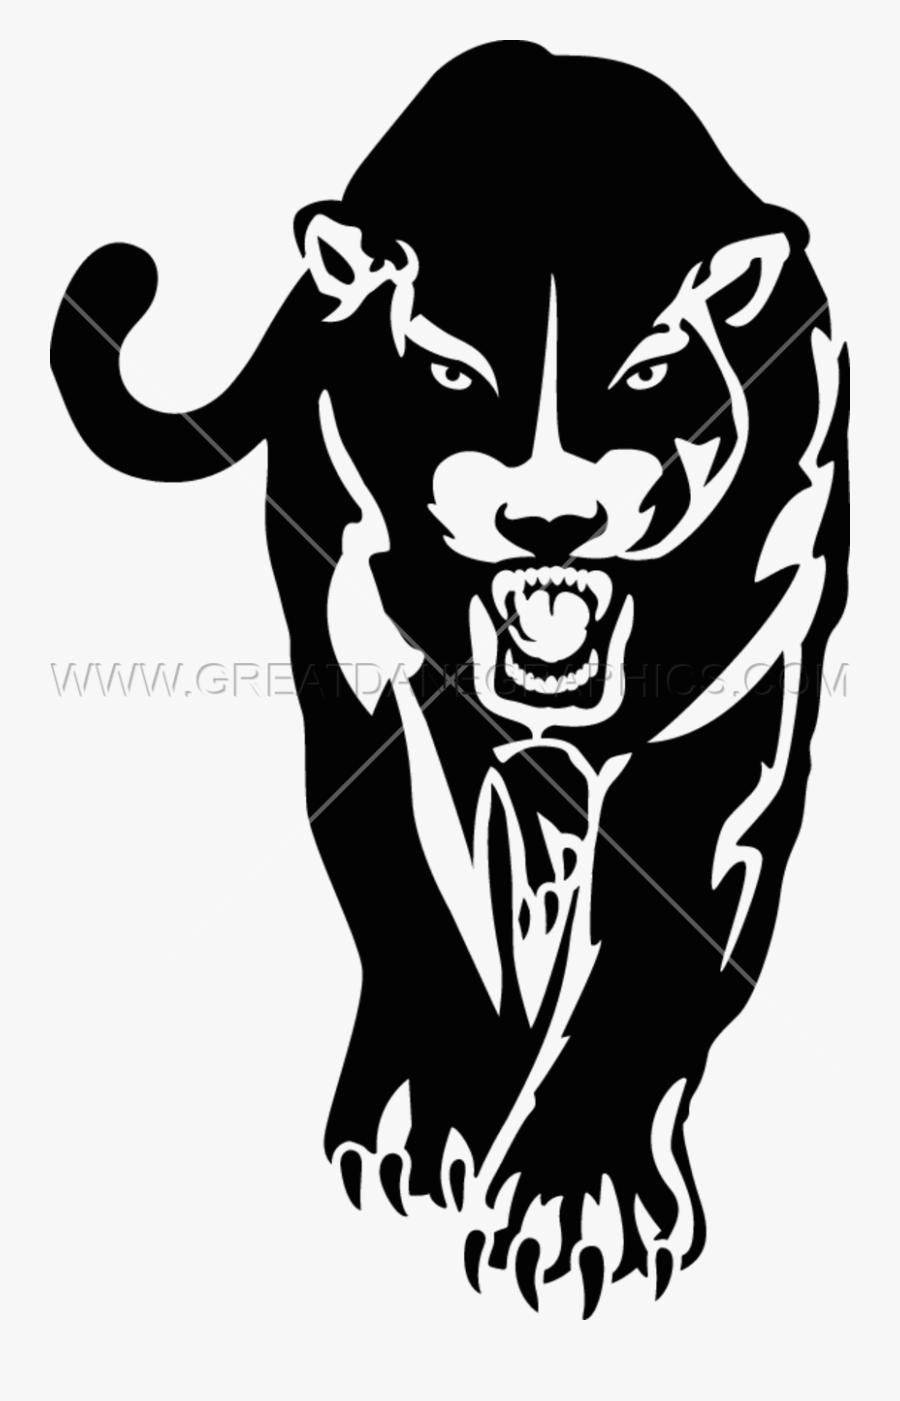 Black Panther Jaguar Cougar Stencil Clip Art - Stencil Panther Png, Transparent Clipart